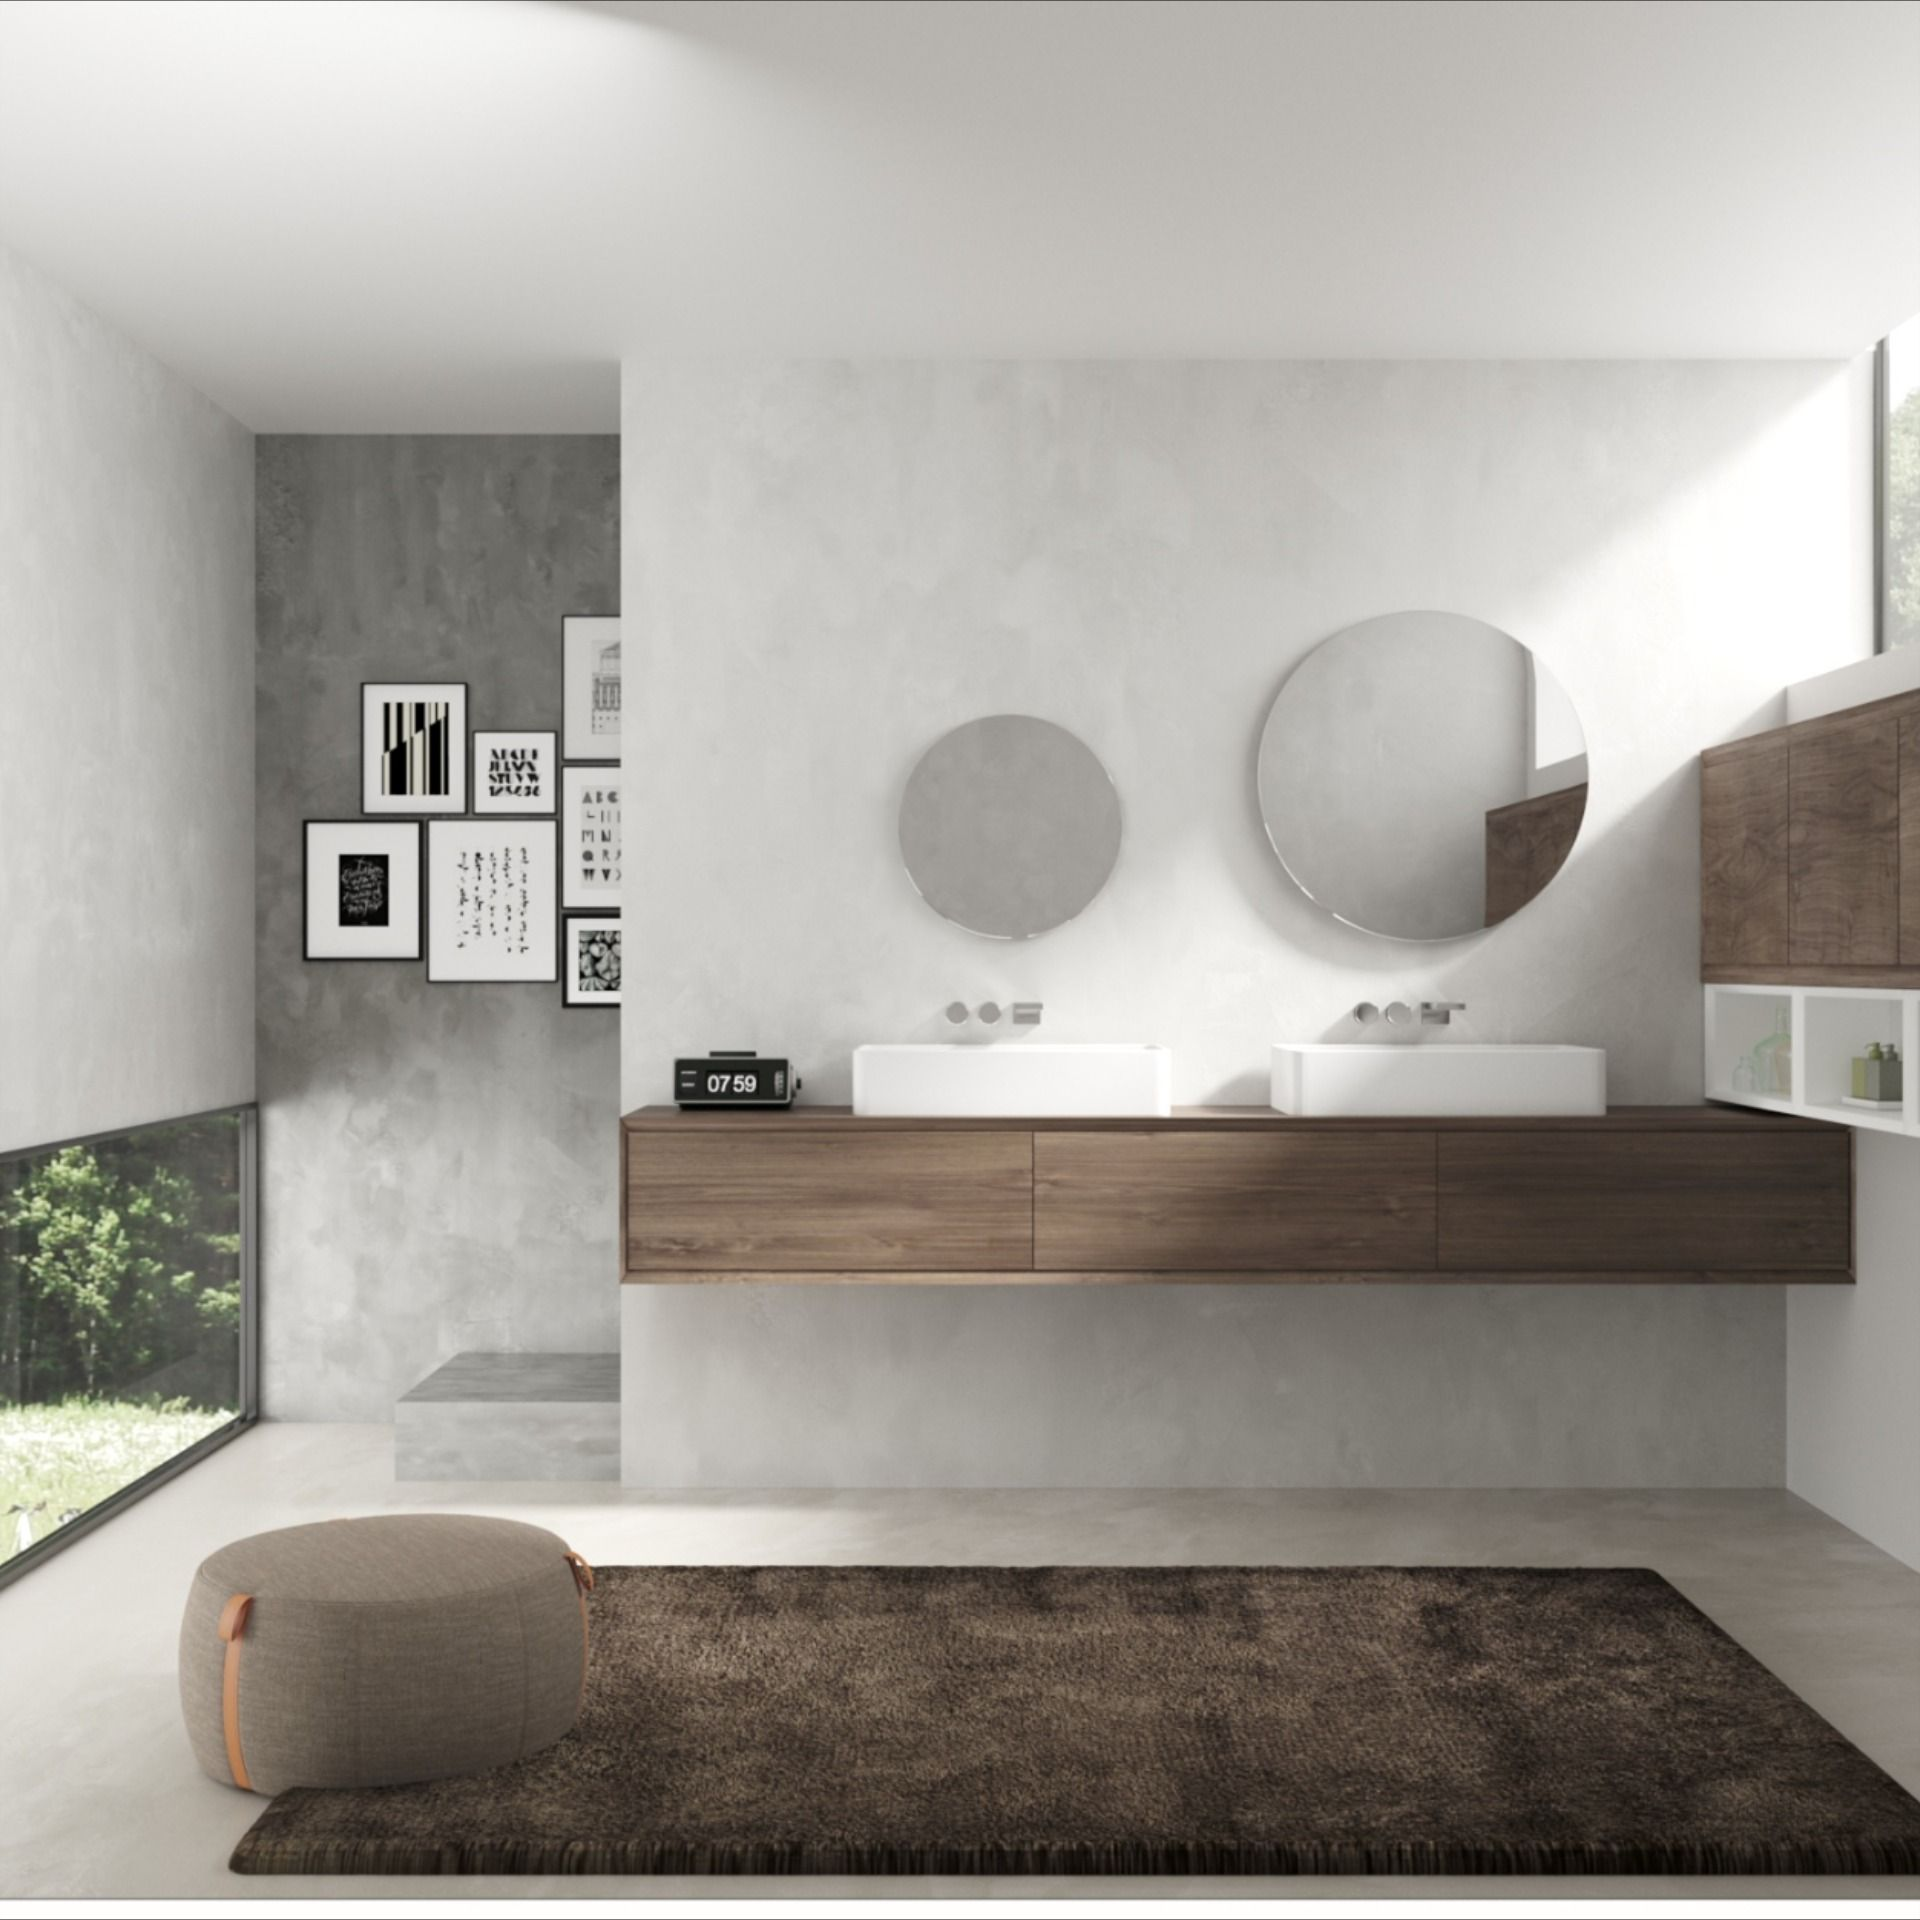 Runde Badspiegel Wandspiegel Und Kristallspiegel Nach Mass Online Gunstig Kaufen In 2020 Runde Spiegel Badspiegel Spiegel